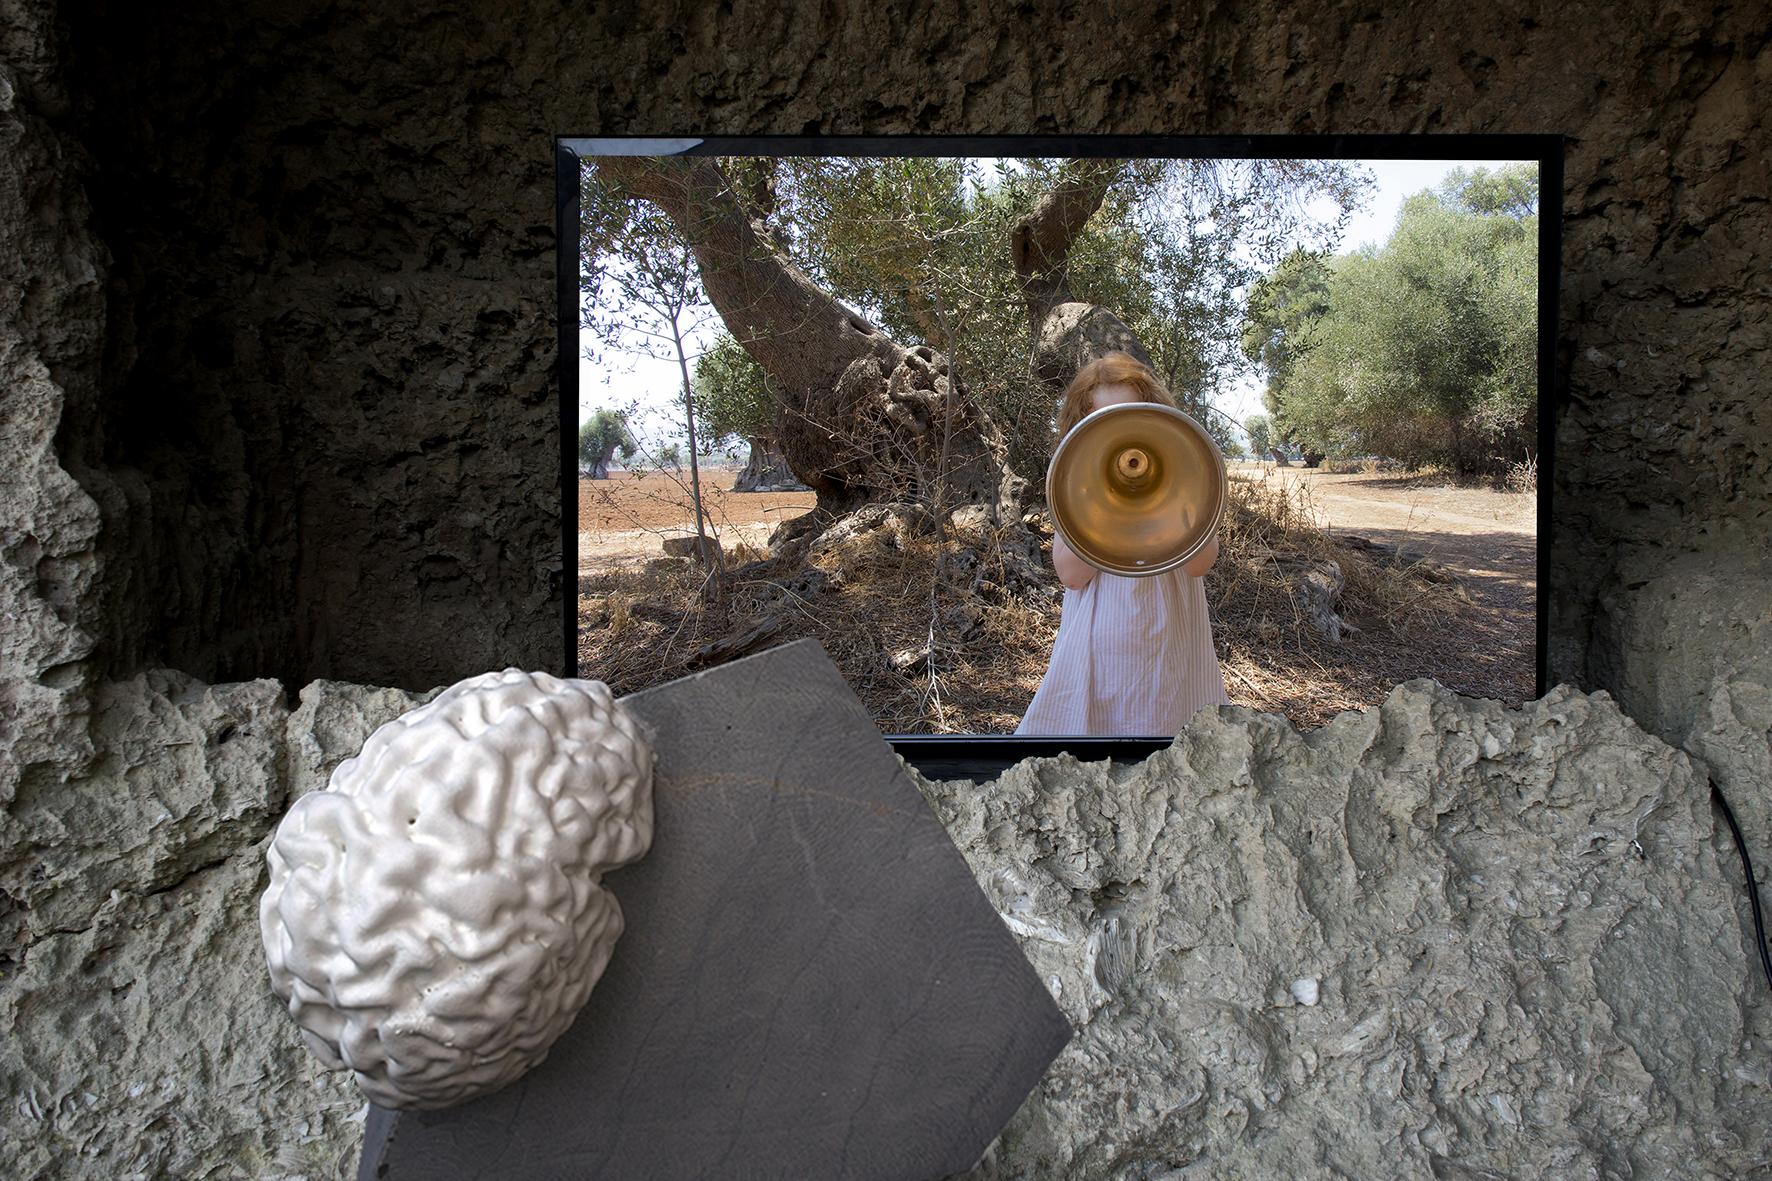 Agnese Purgatorio, Cerebrale, 2016, installazione al MUSMA, 2018